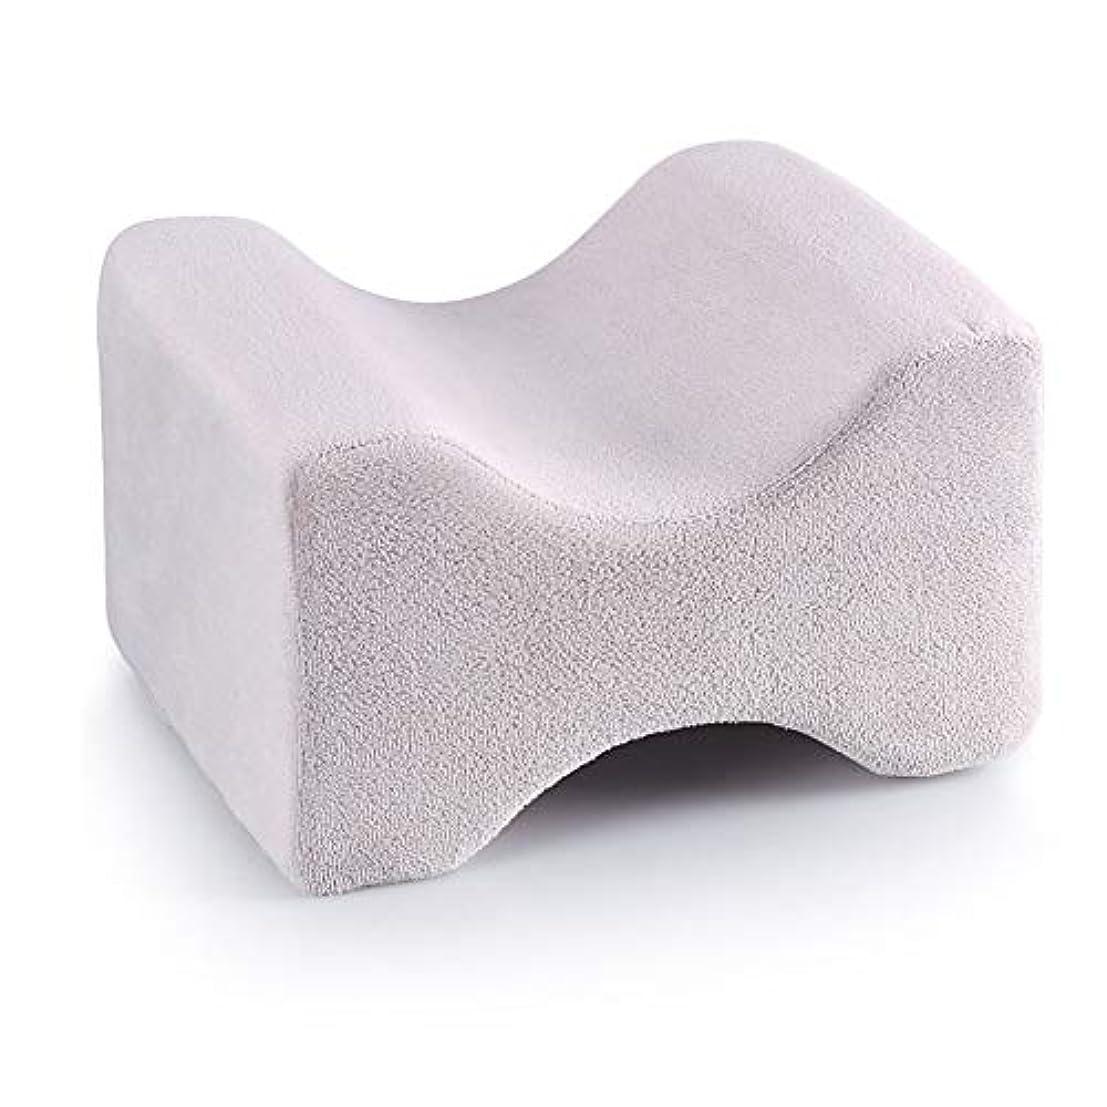 ペストリープロペラスマート3パック整形外科用膝枕用リリーフ、取り外し可能な洗えるカバー、低反発ウェッジの輪郭を促し、睡眠を促進し、血液循環を改善